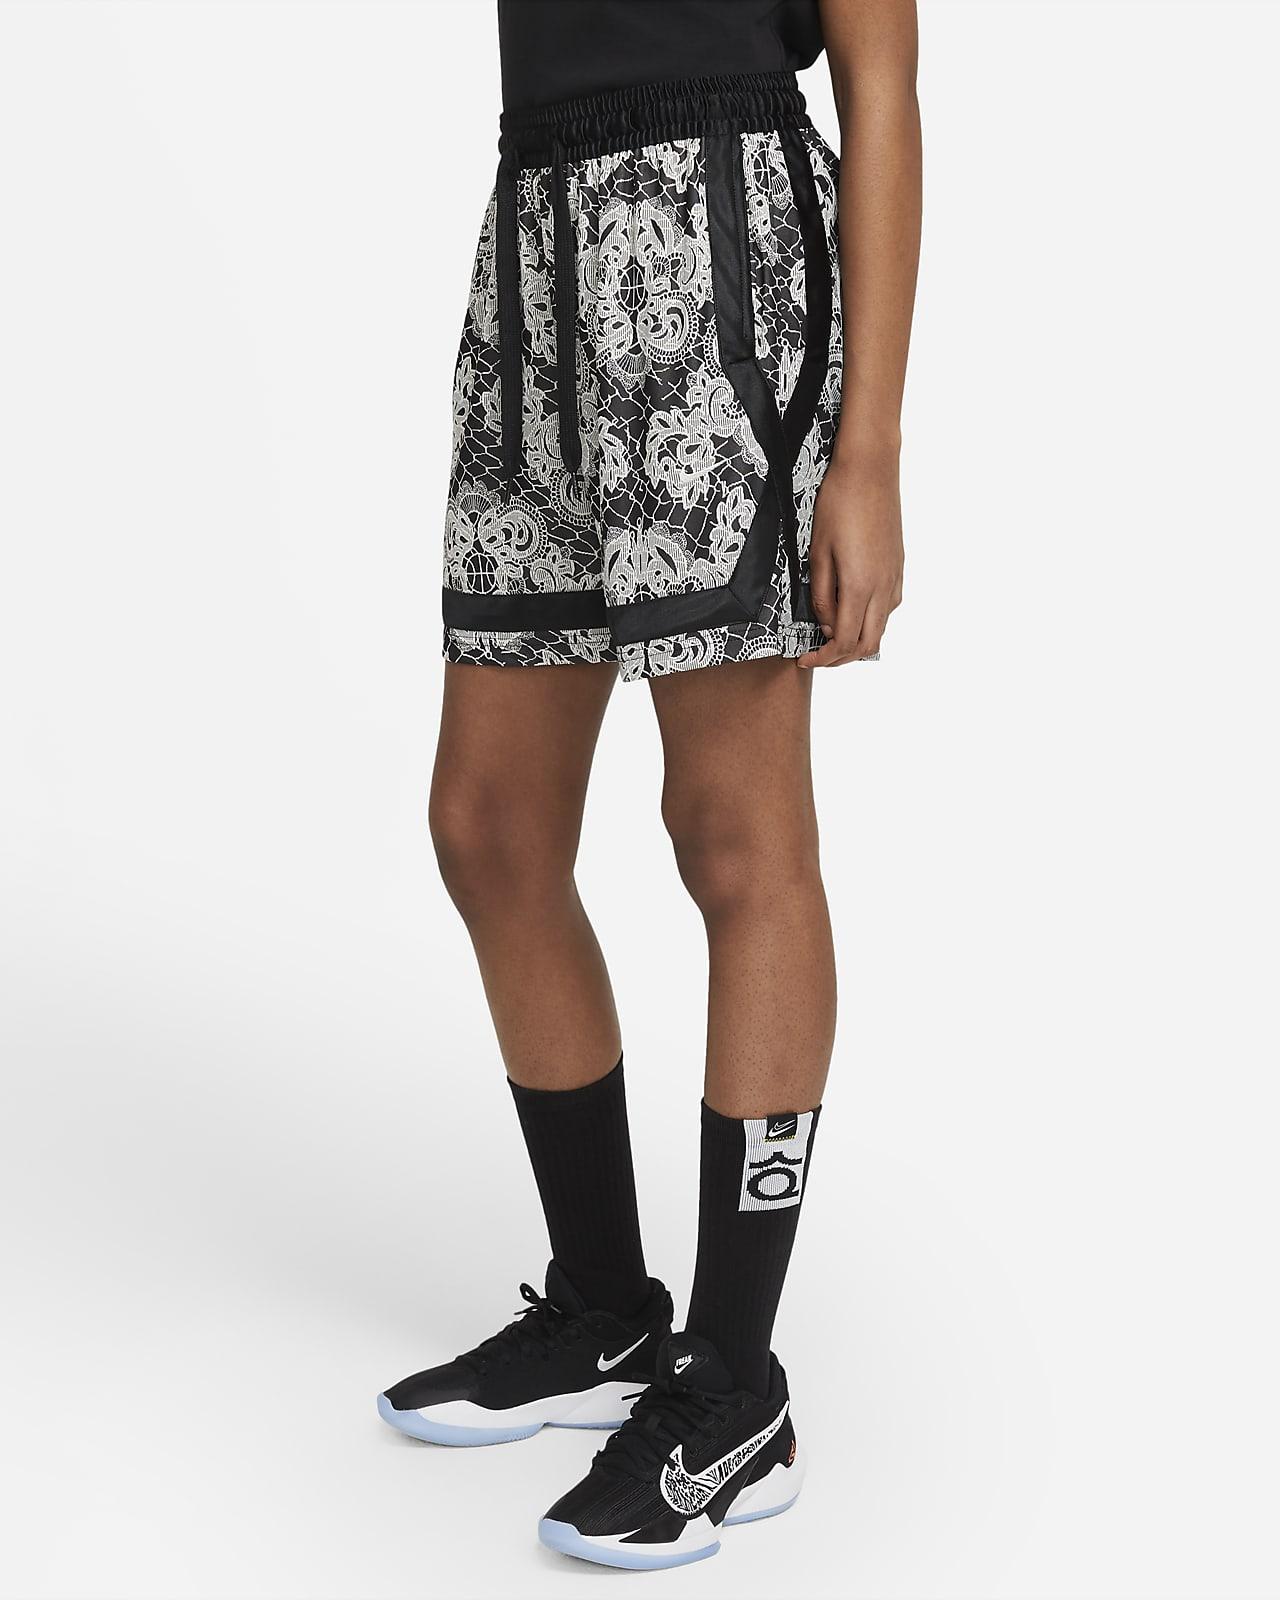 Shorts de básquetbol estampados para mujer Nike Fly Crossover